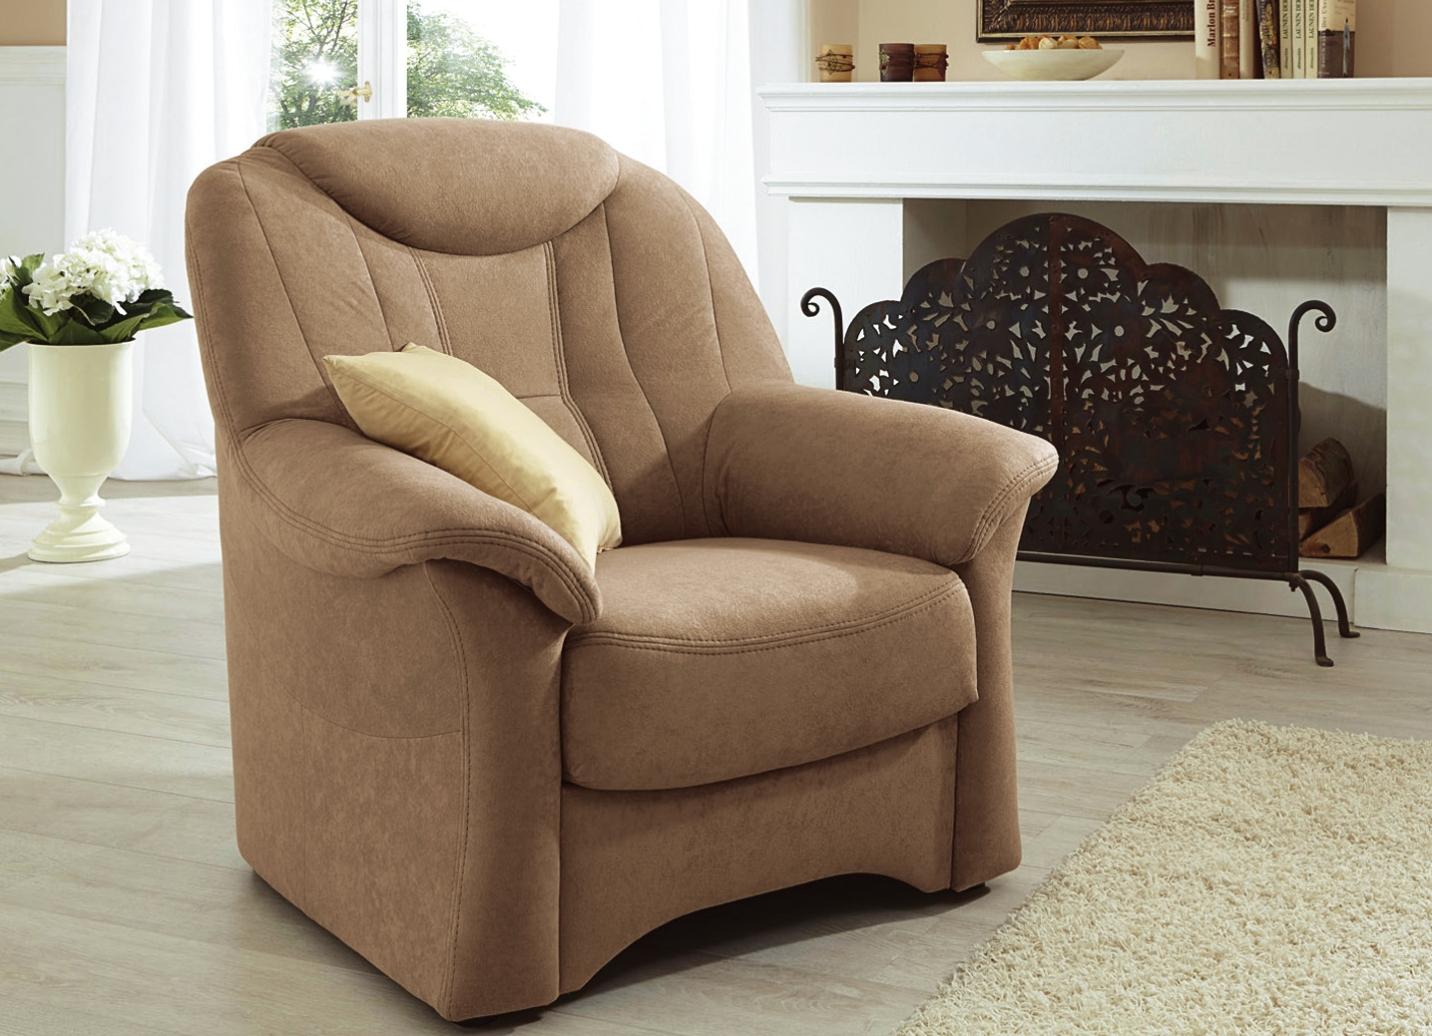 leder polsterm bel wohnzimmer bader. Black Bedroom Furniture Sets. Home Design Ideas